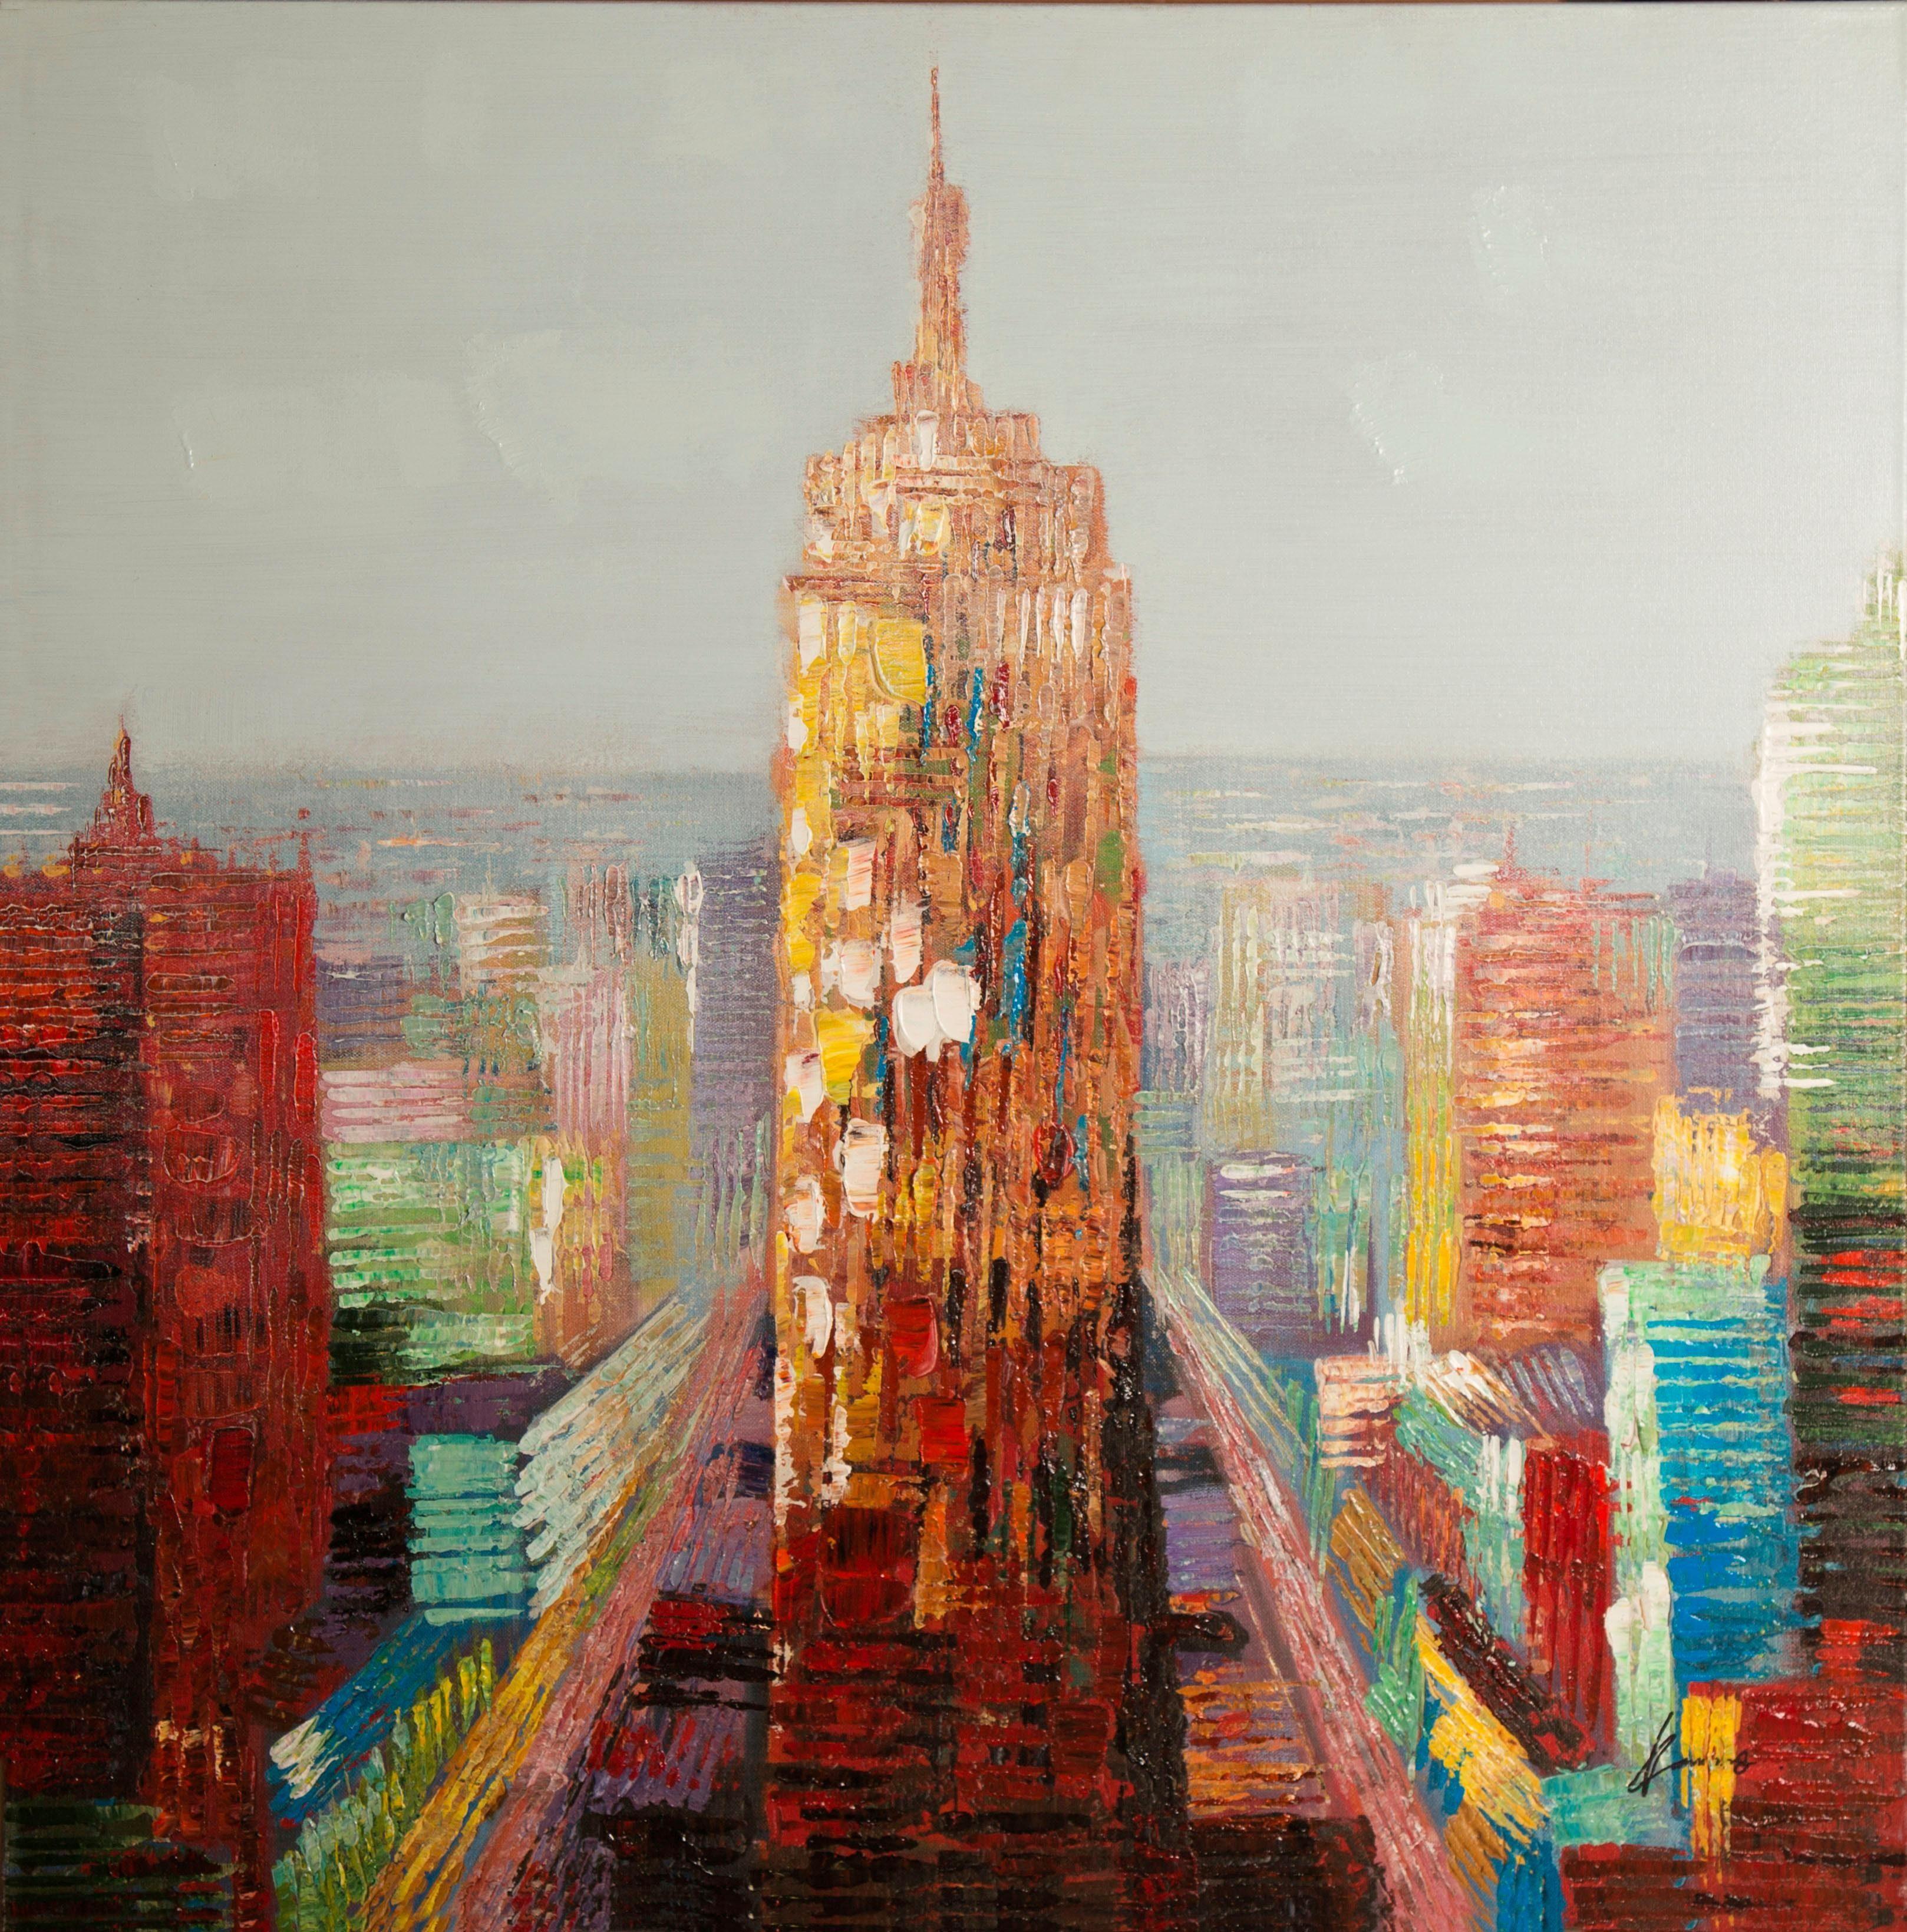 Ölgemälde »Turm in einer Stadt«, 100/100 cm, handgemalt